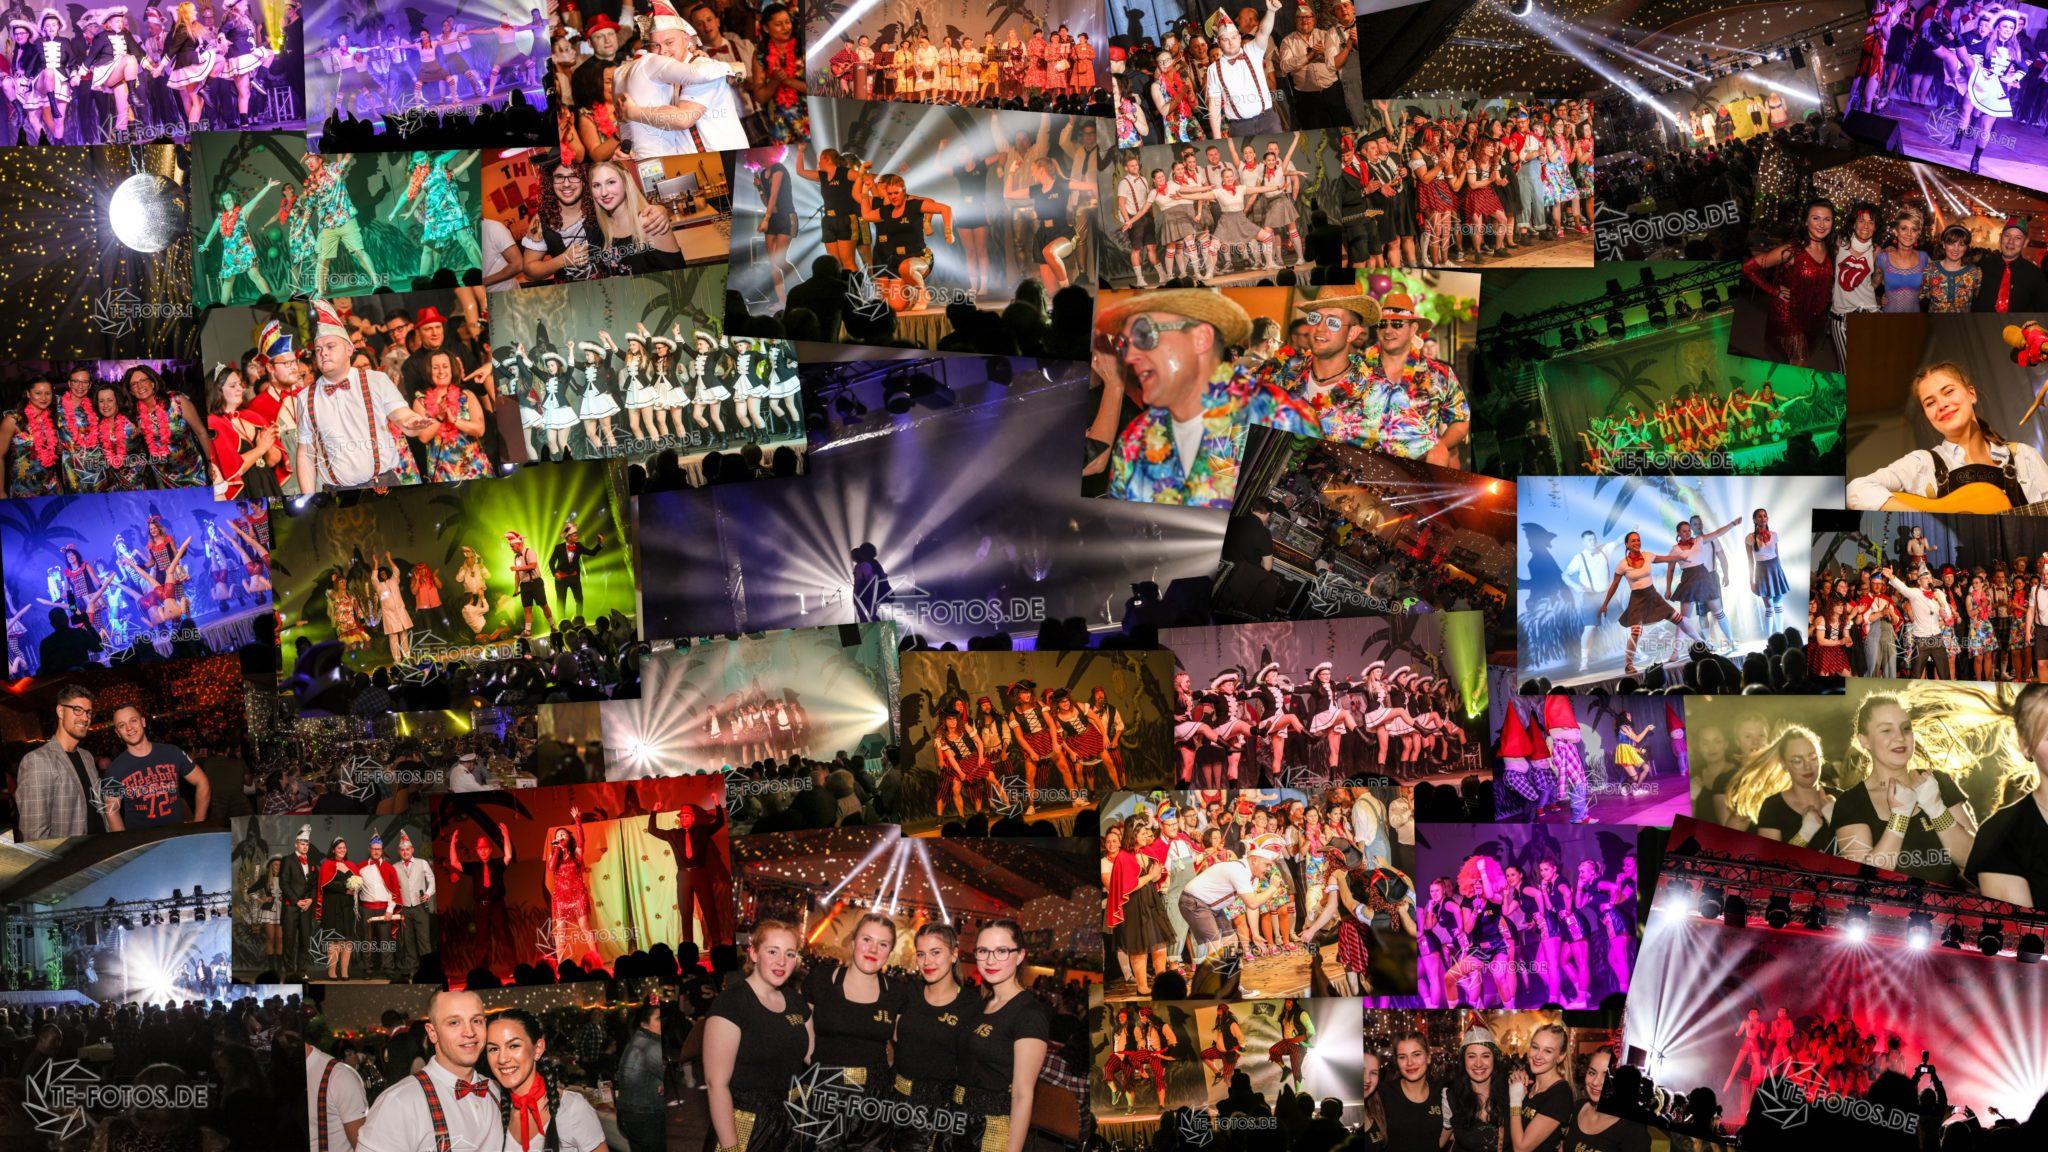 Impressionen vom Schoninger Karneval in Vernawahlshausen - Freitag